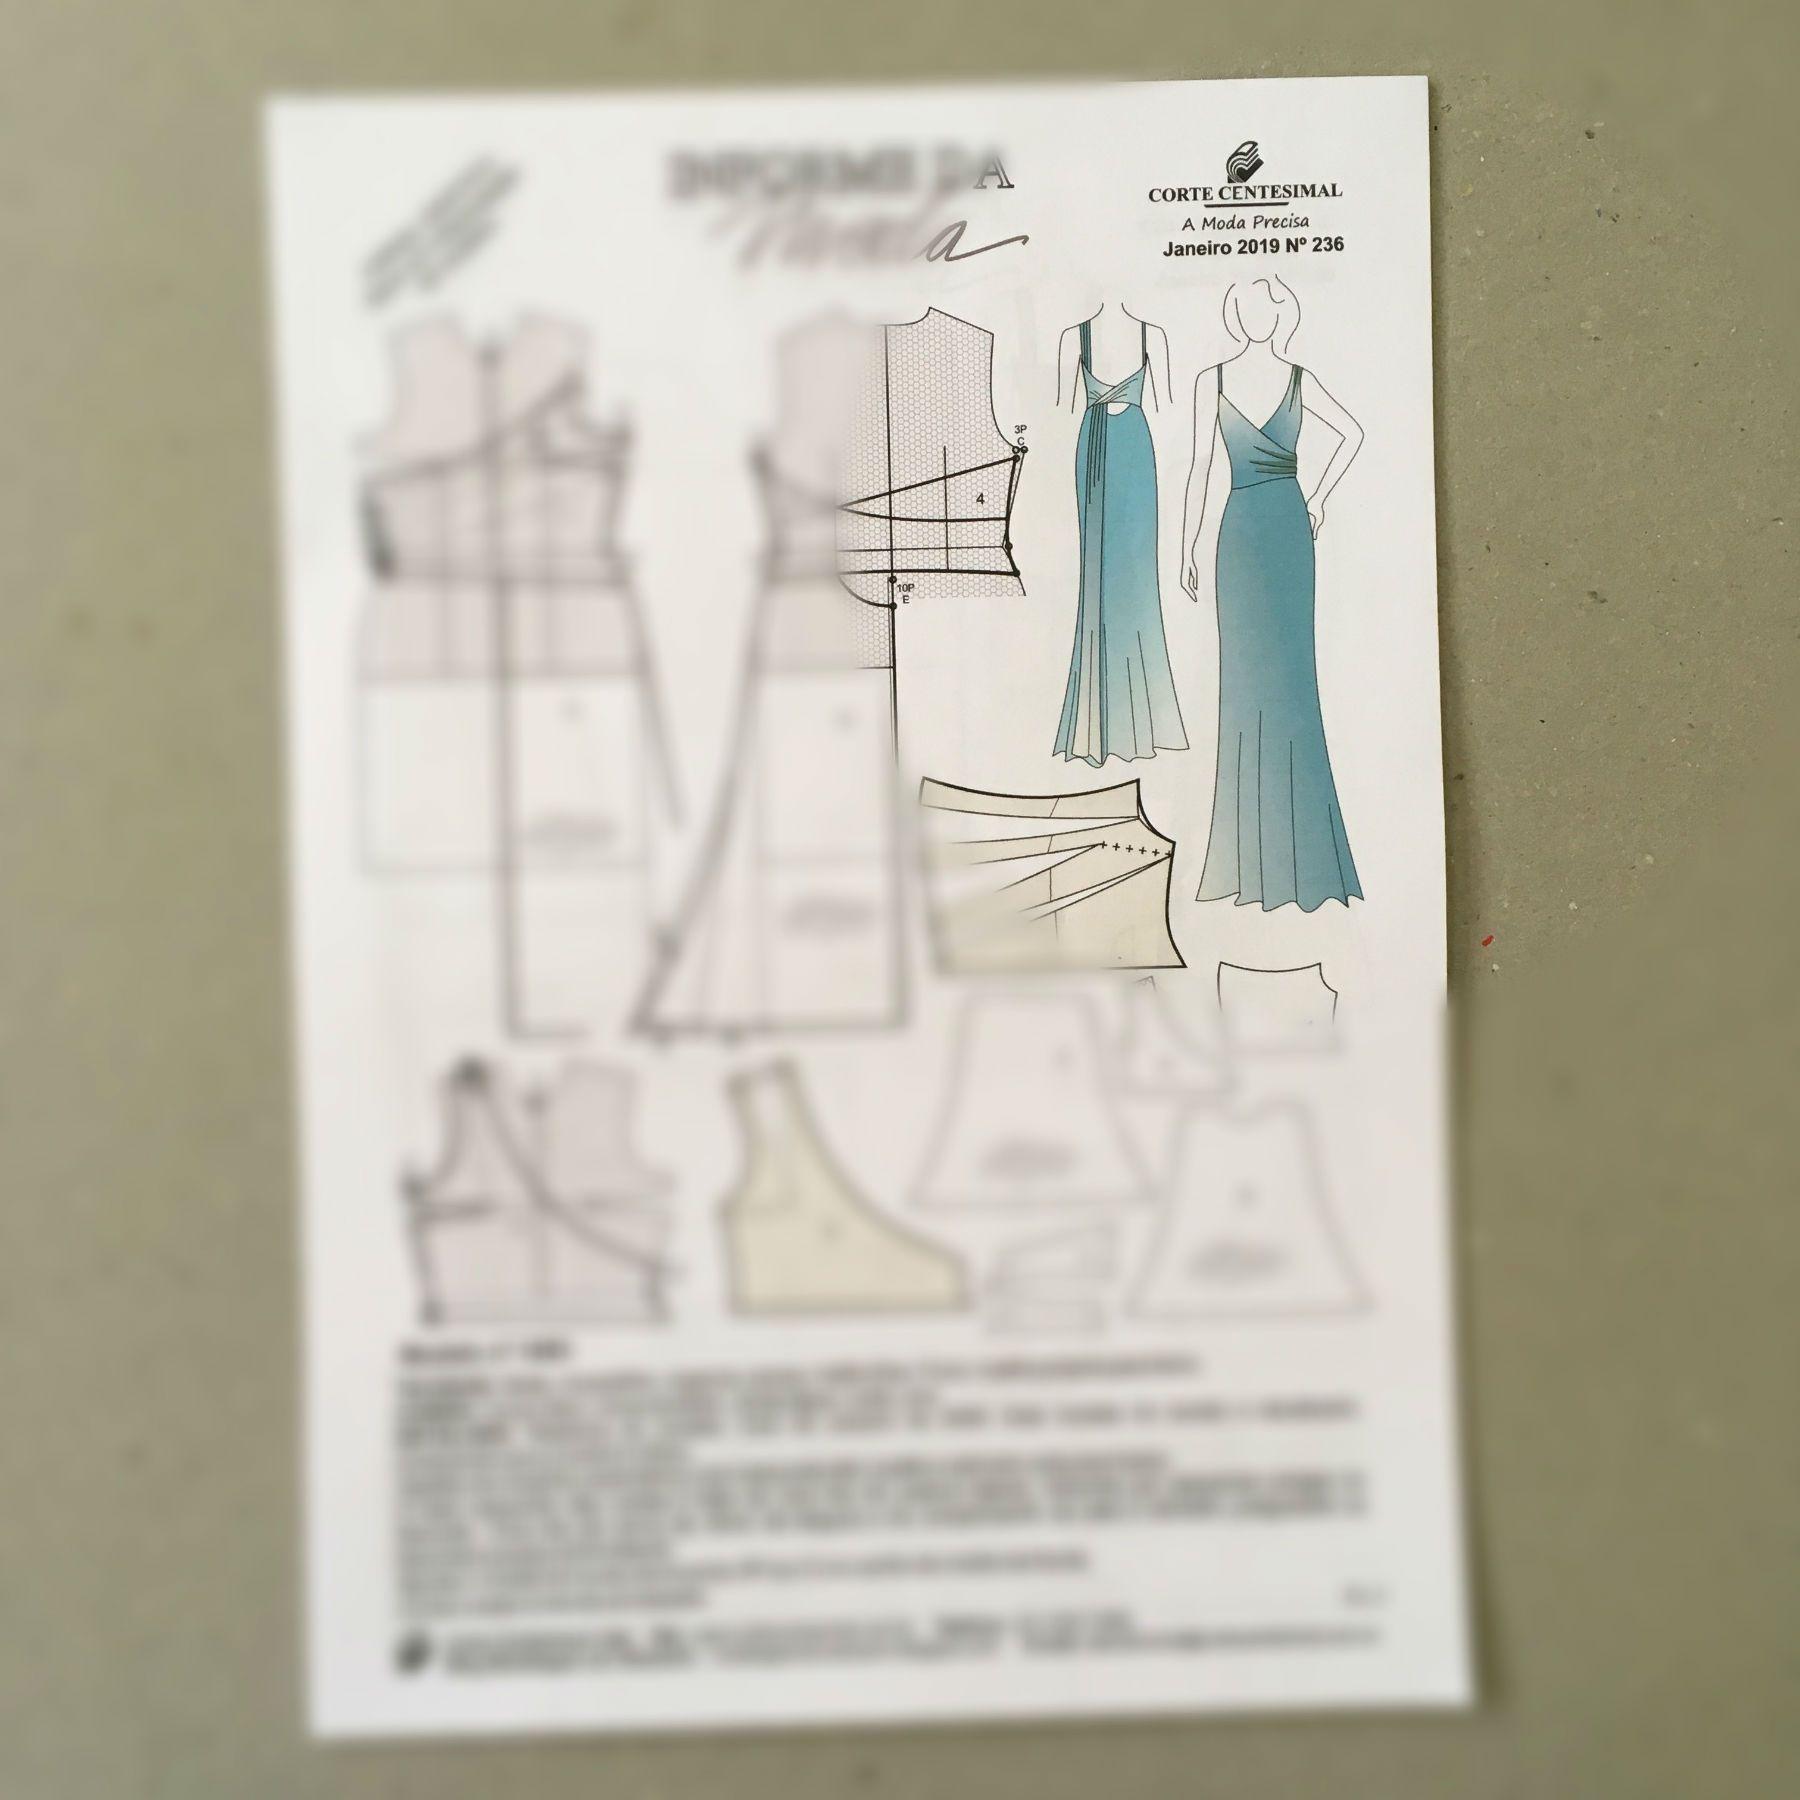 Informe da Moda 236 Janeiro de 2019  - Corte Centesimal